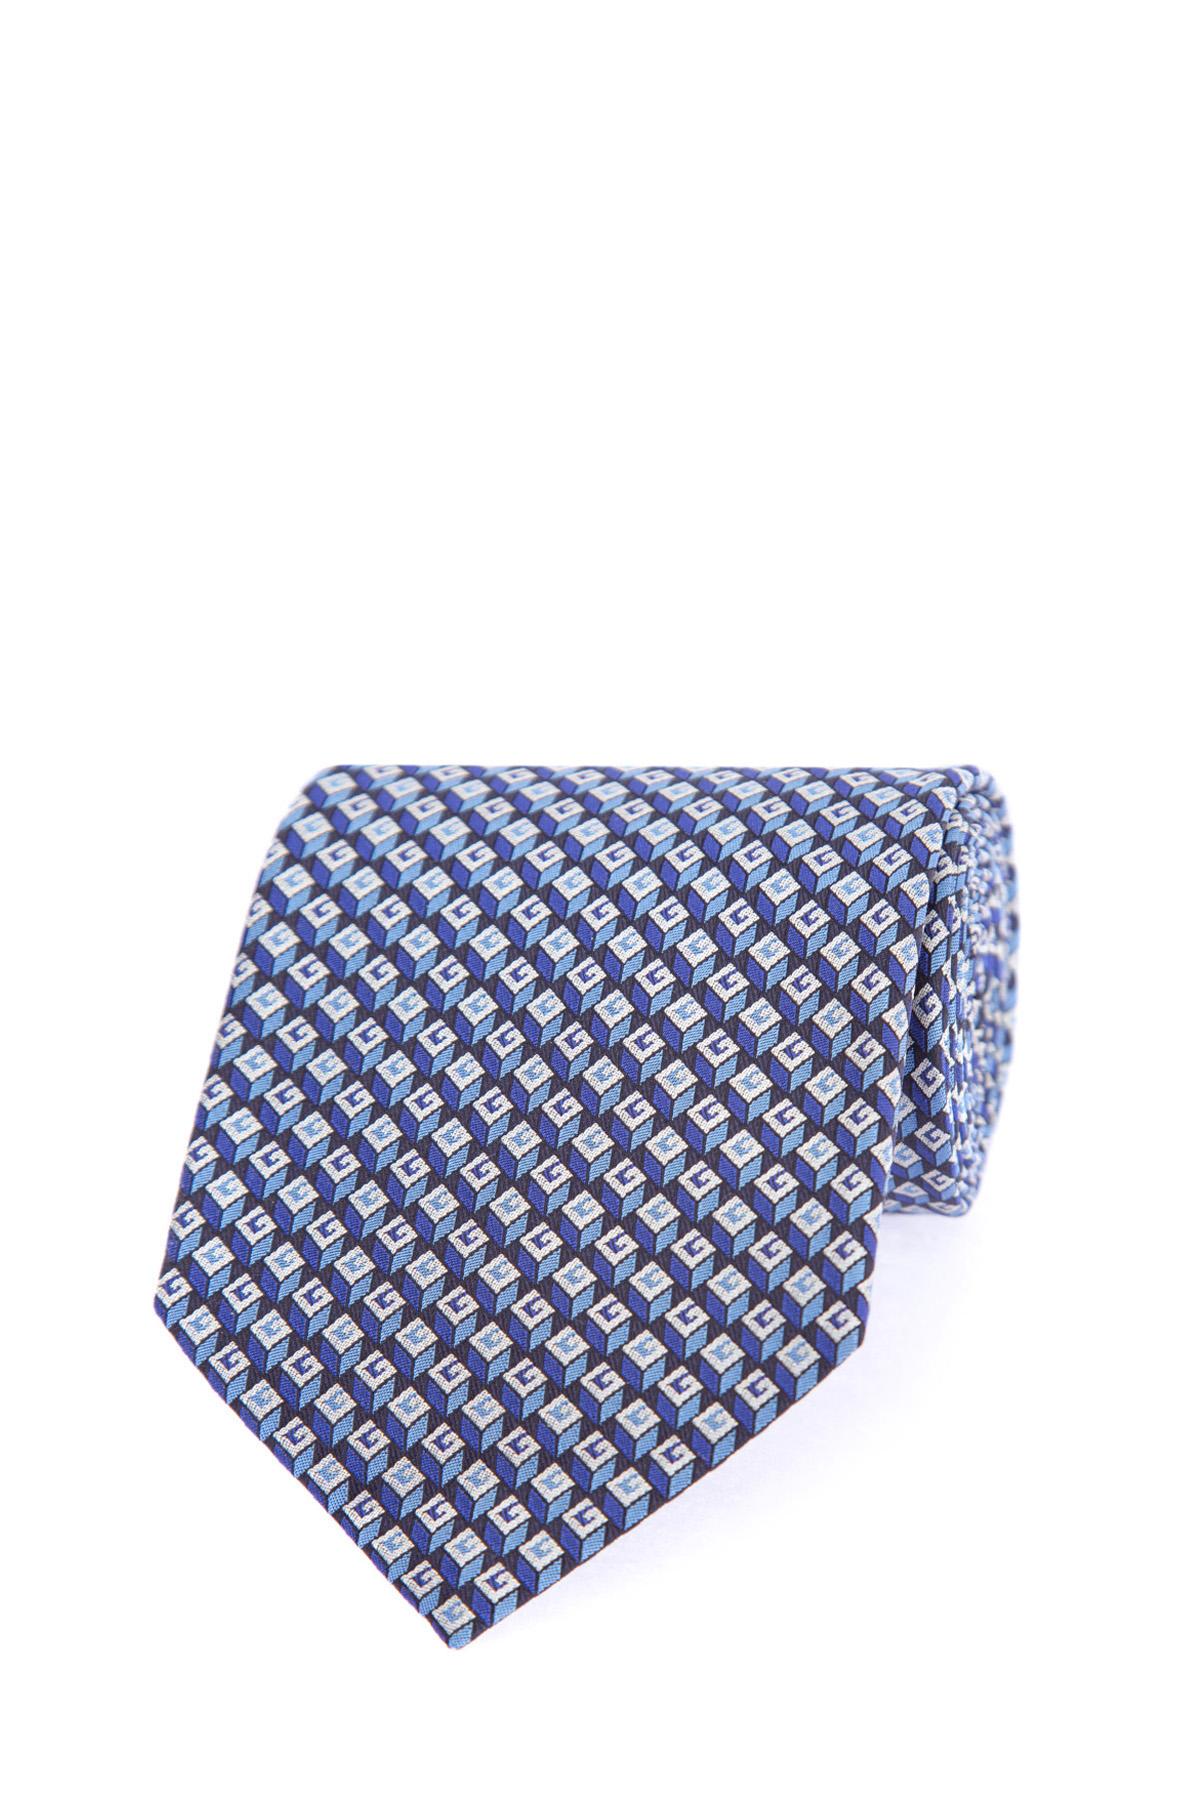 Купить Шелковый галстук с повторяющимся геометрическим 3D узором в стиле красочных принтов 70-х годов, GUCCI, Италия, шелк 100%